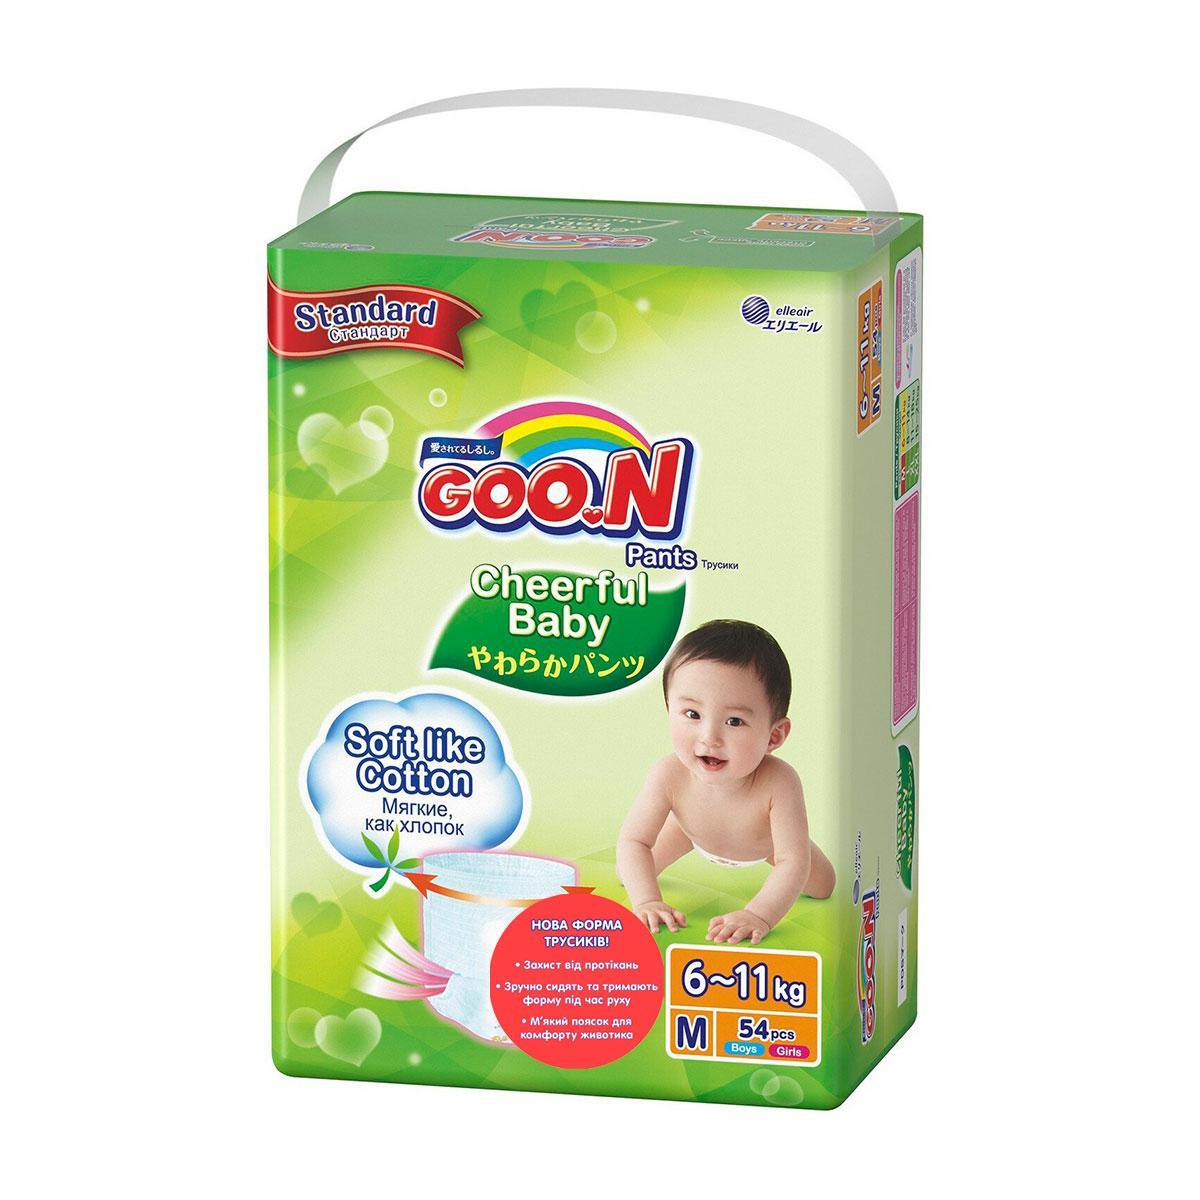 Трусики-подгузники Cheerful Baby для детей M